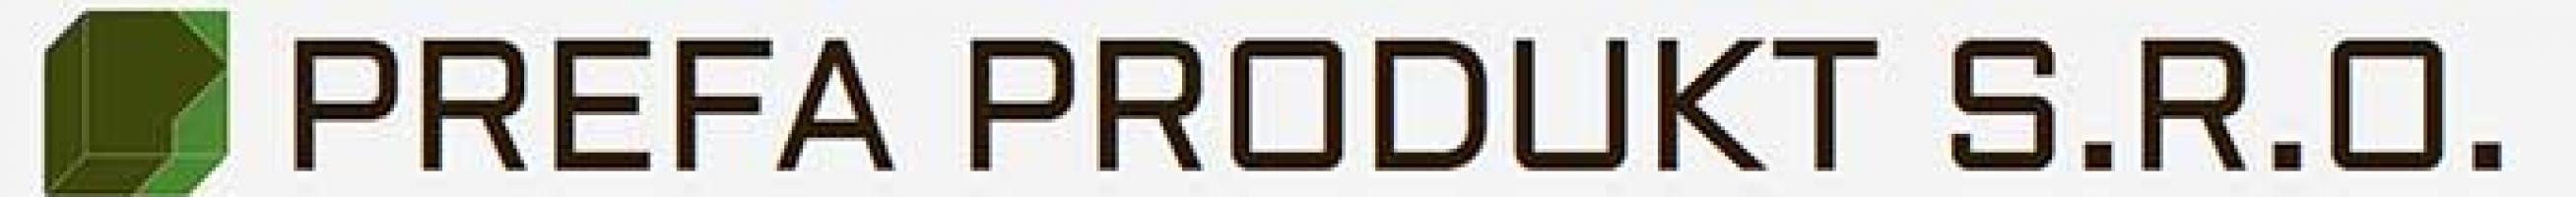 Logo firmy: Prefa produkt s.r.o.